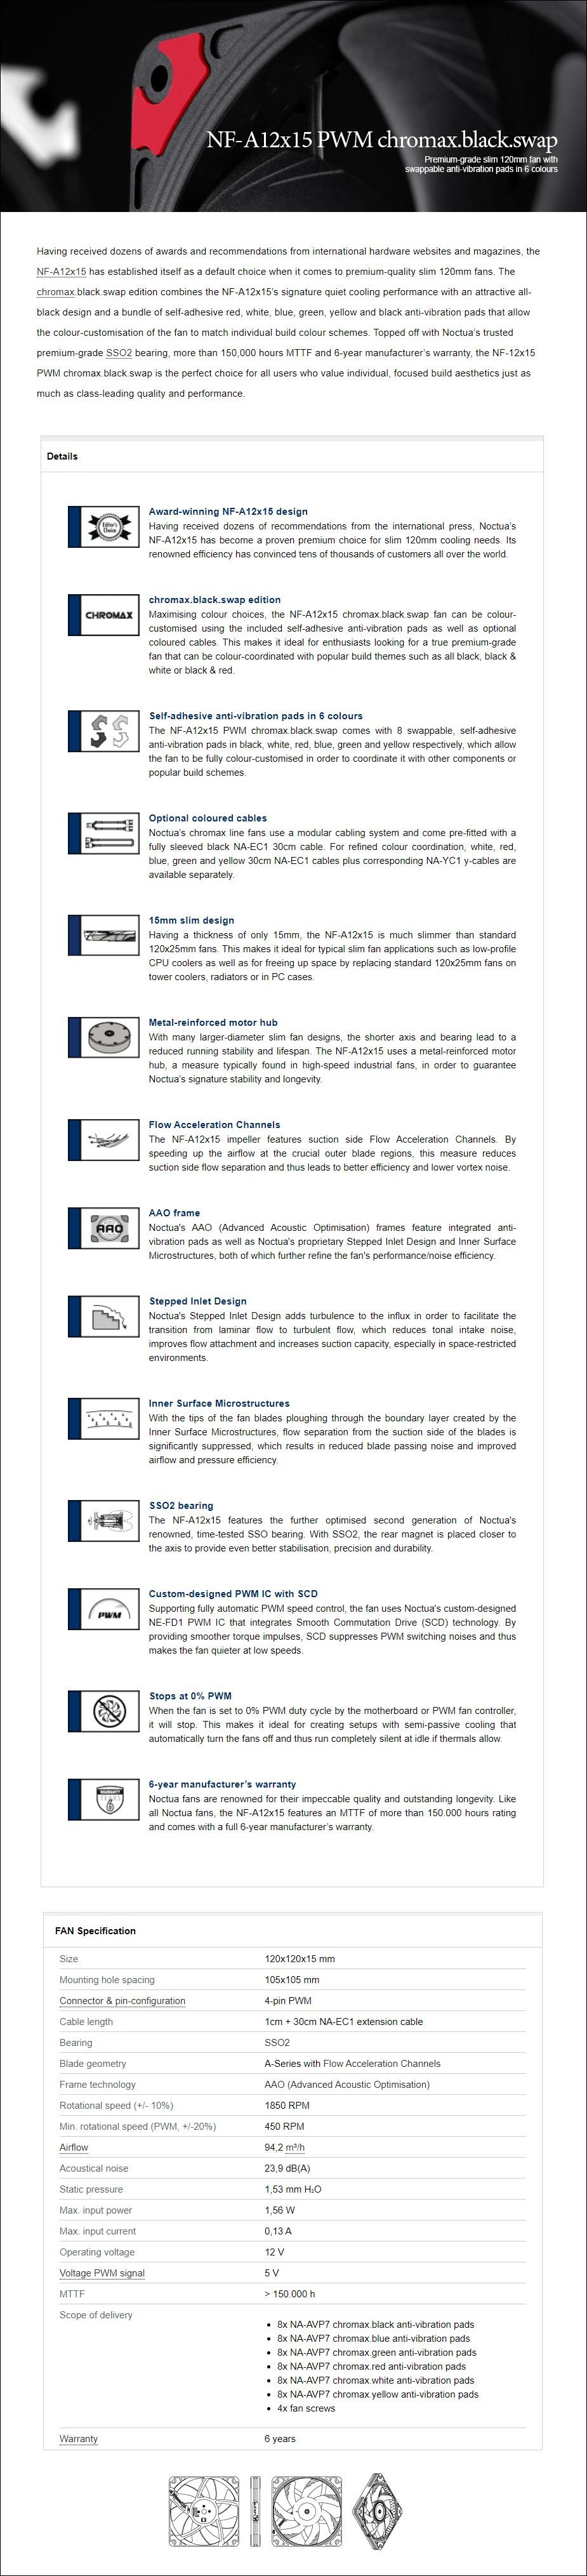 Noctua NF-A12x15 120mm chromax.black.swap Slim PWM Fan - Overview 1